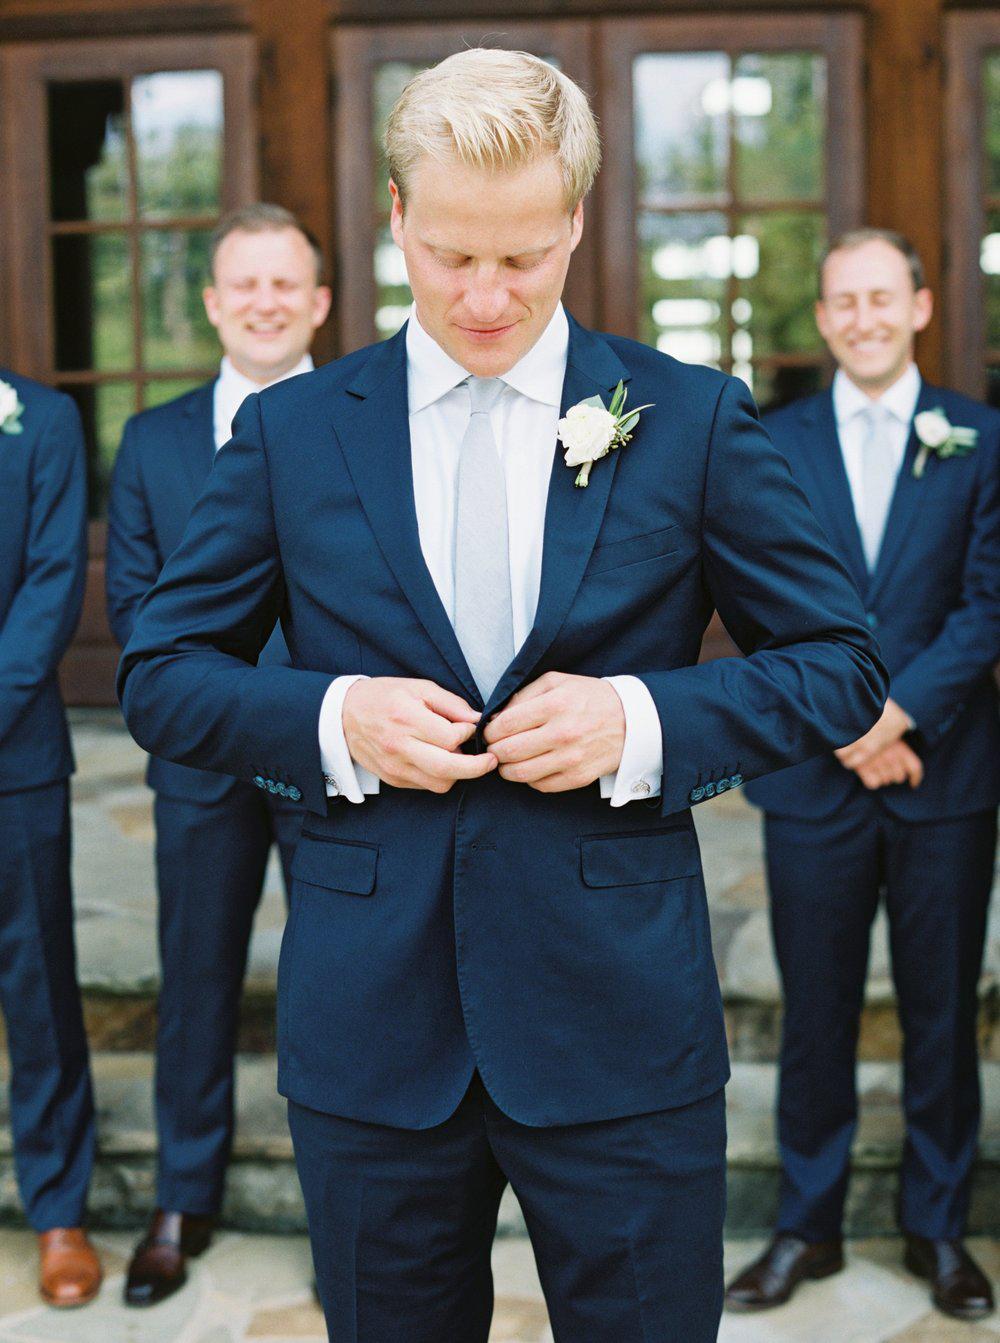 the-groomsman-suit.jpg